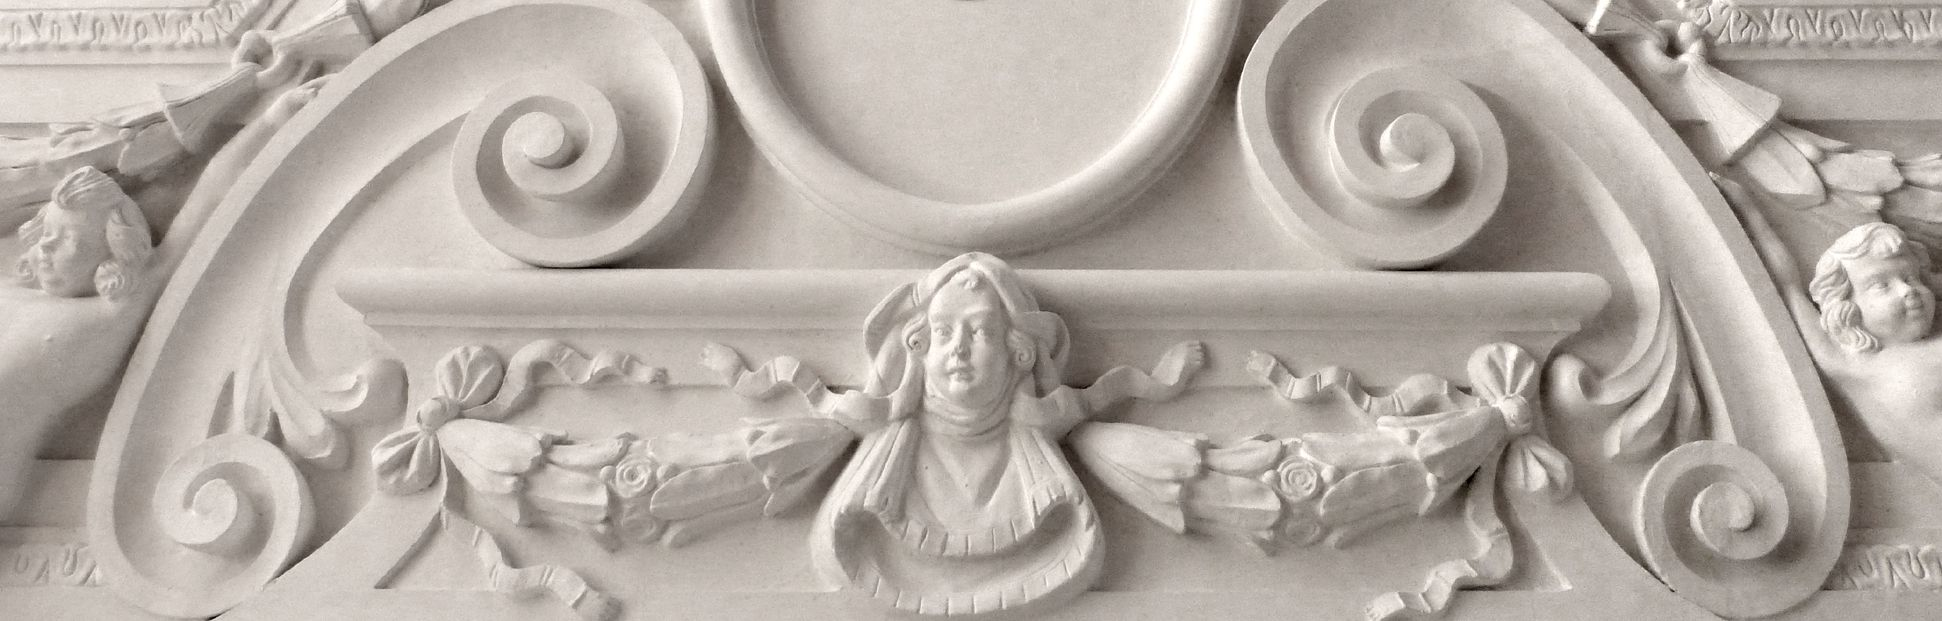 Brentano Saal Detail der Deckenschmalseite